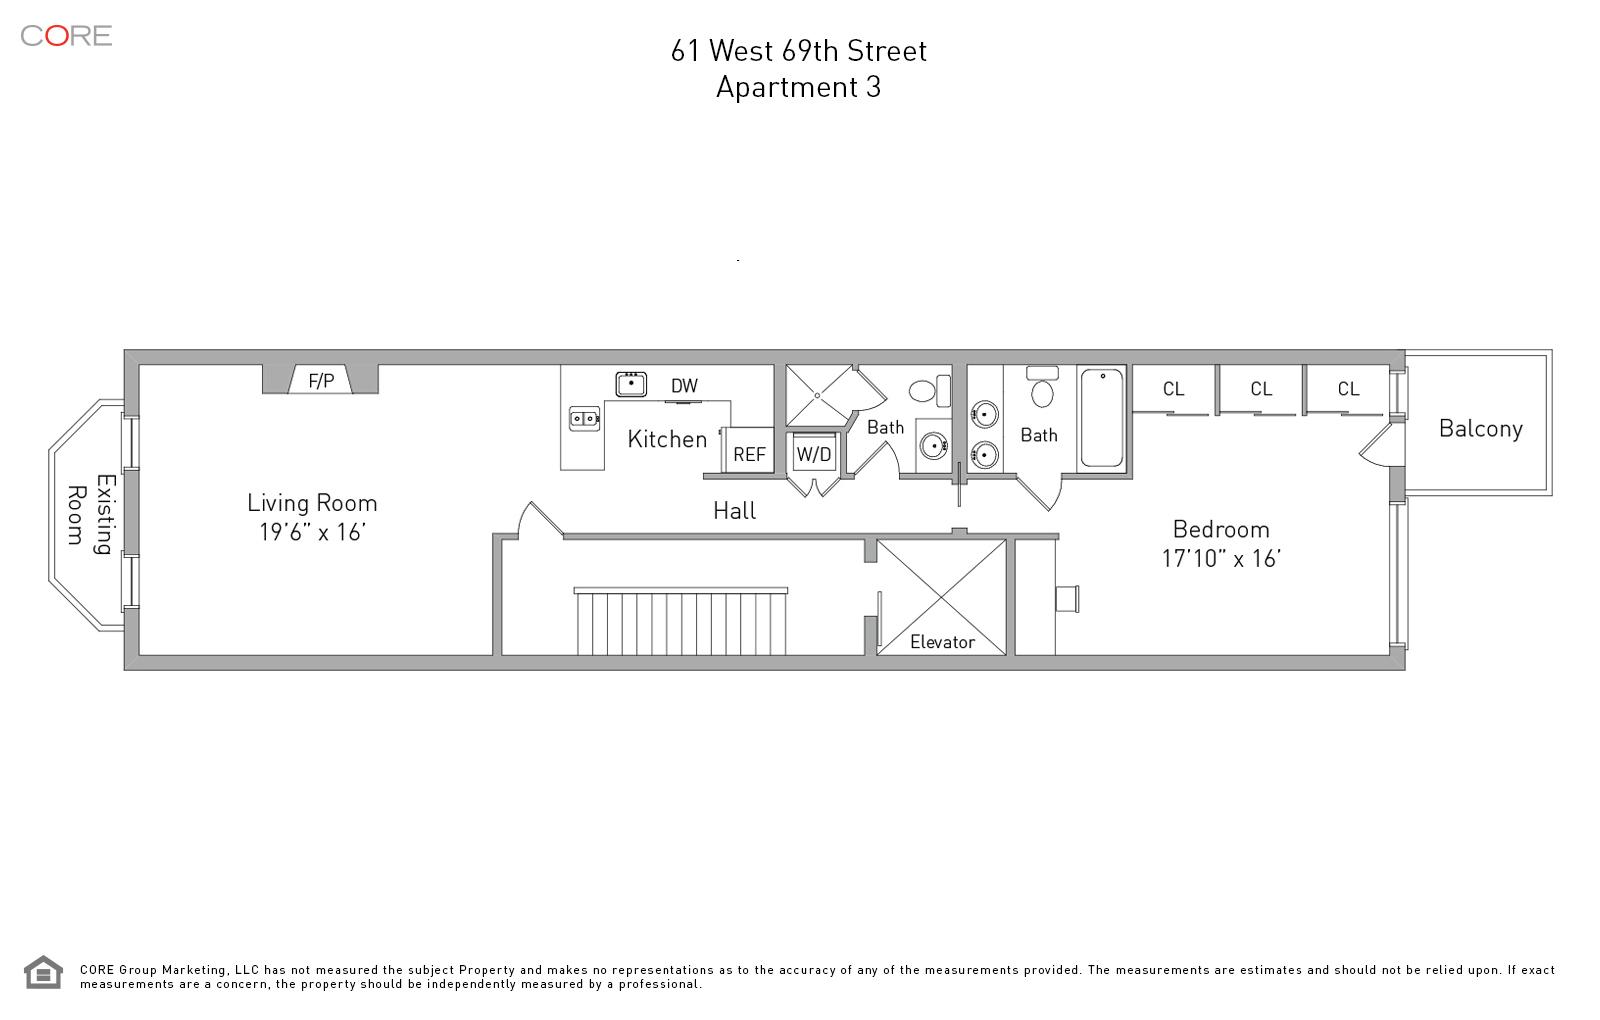 61 West 69th St. 3F, New York, NY 10023